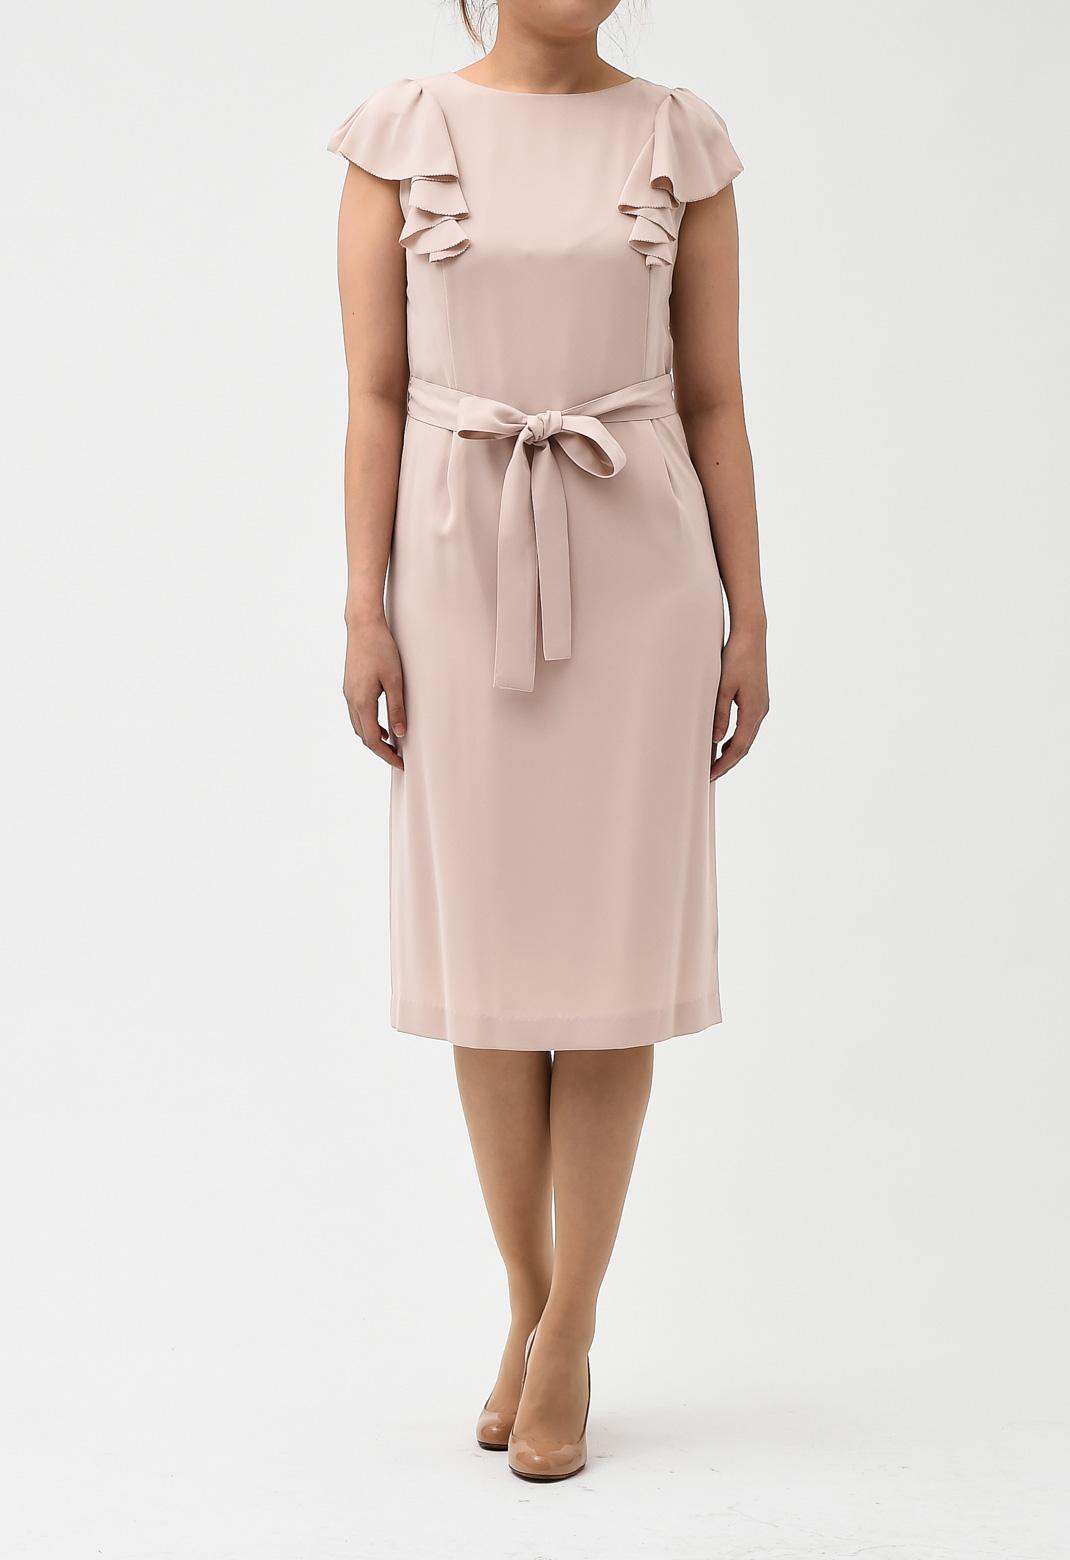 ユナイテッドアローズ ベルト付き フリル 半袖 ドレス